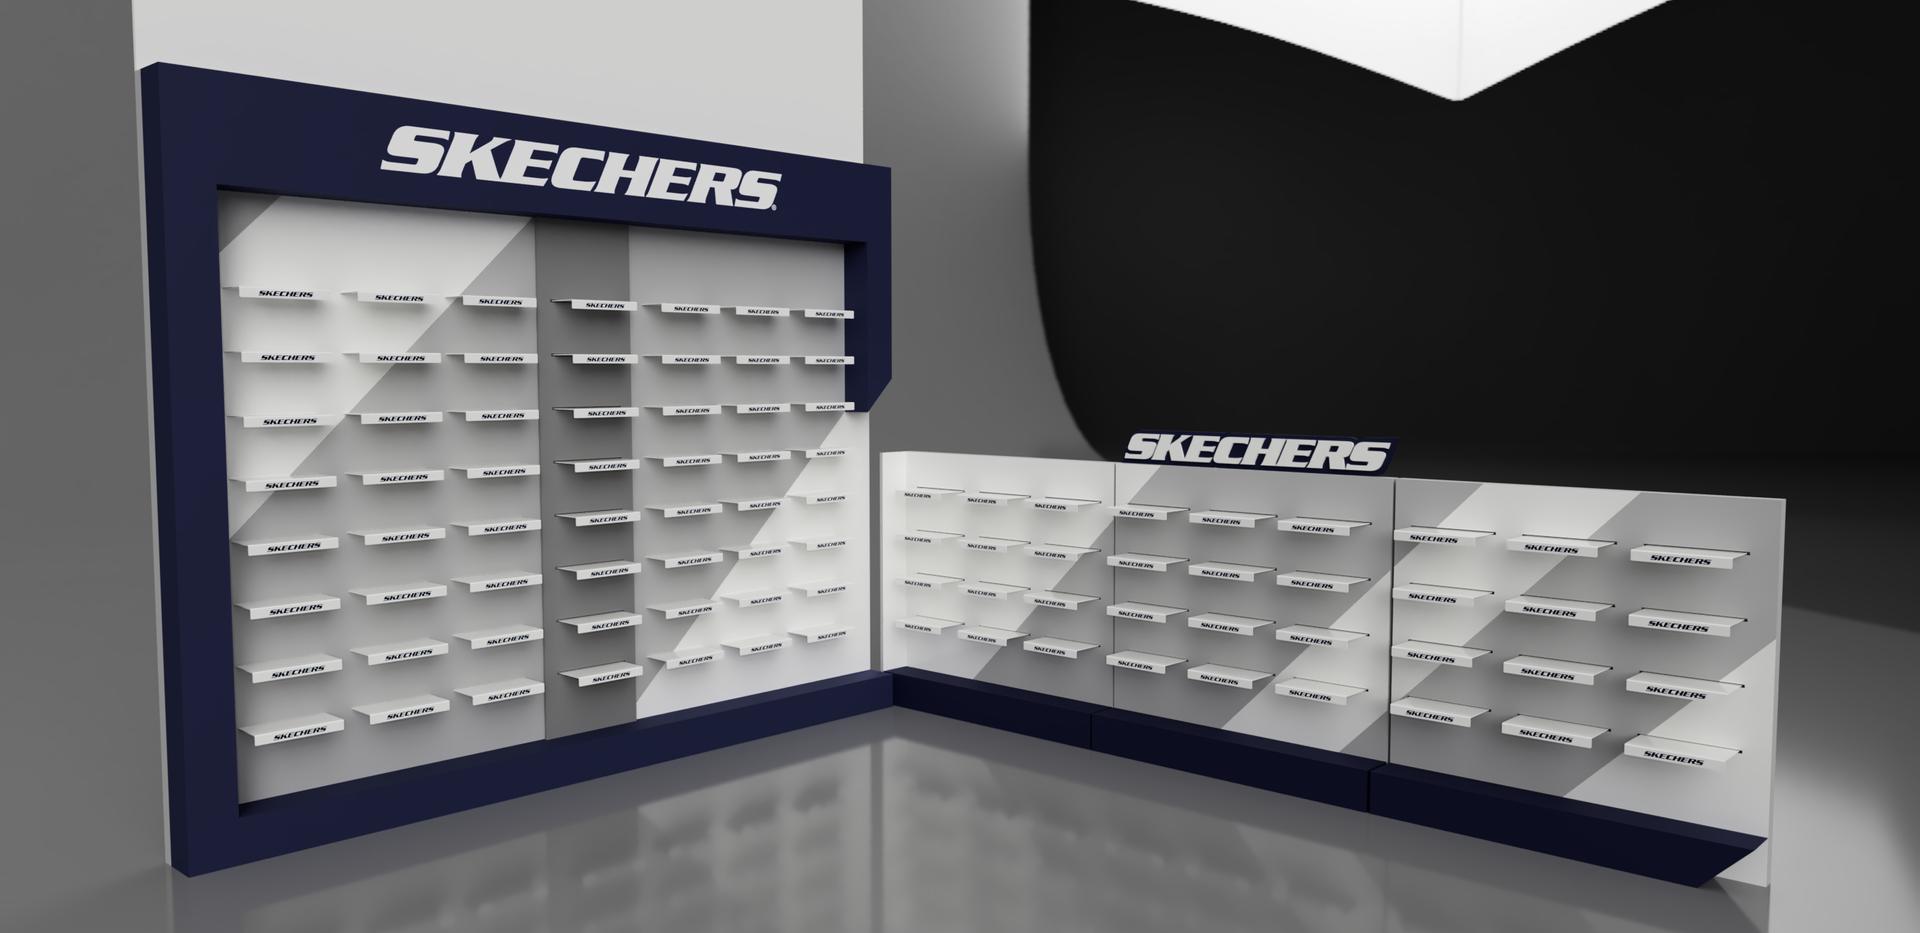 Skechers Shop Display